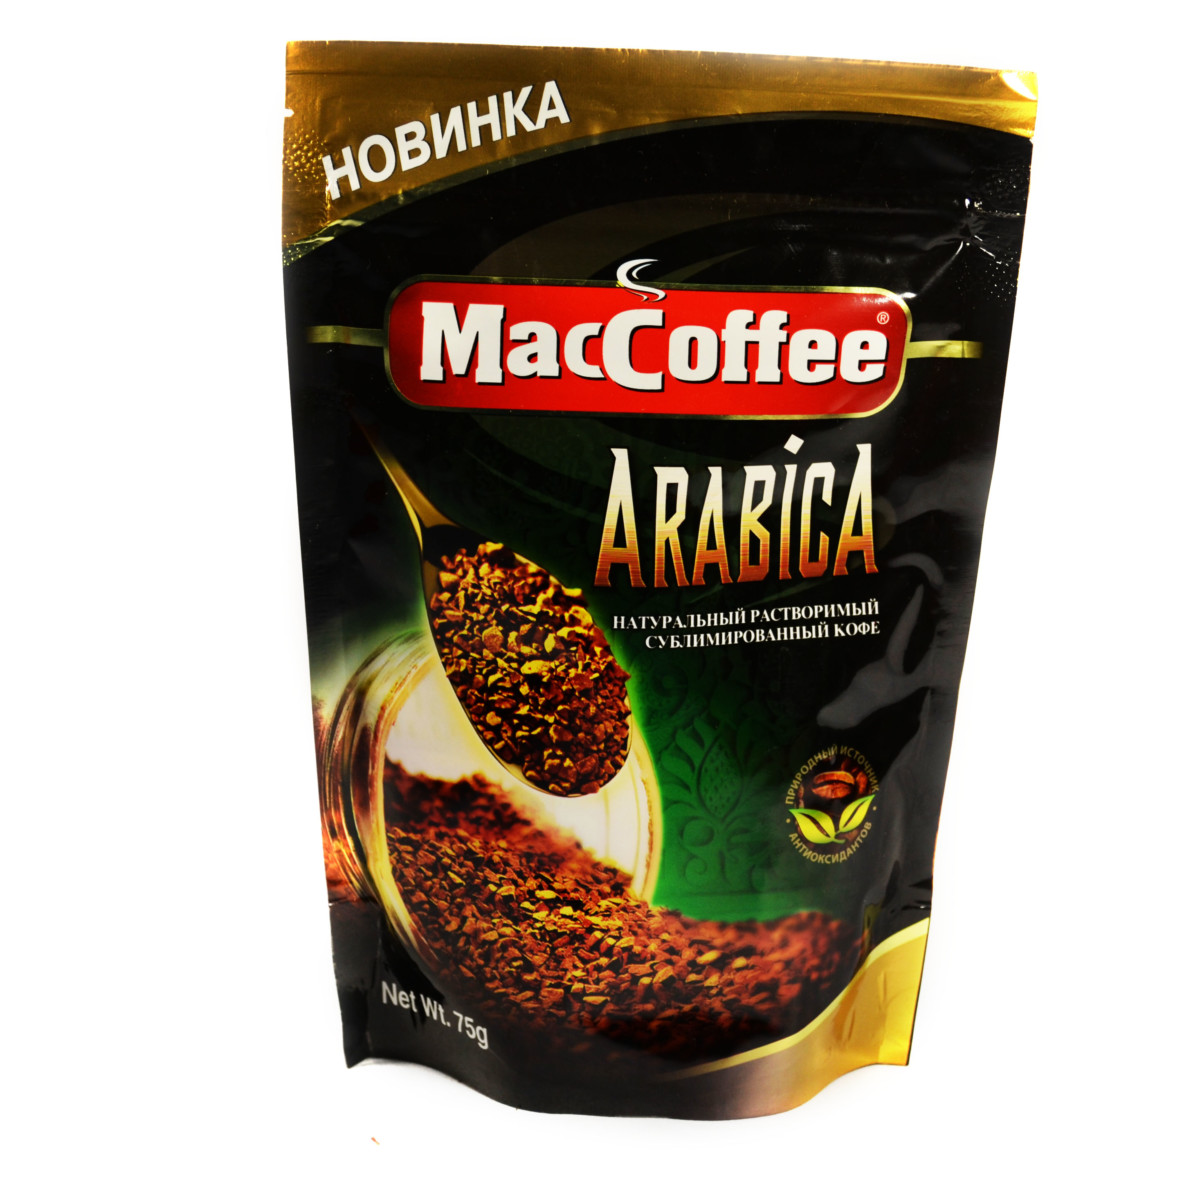 Маккофе растворимый Арабика